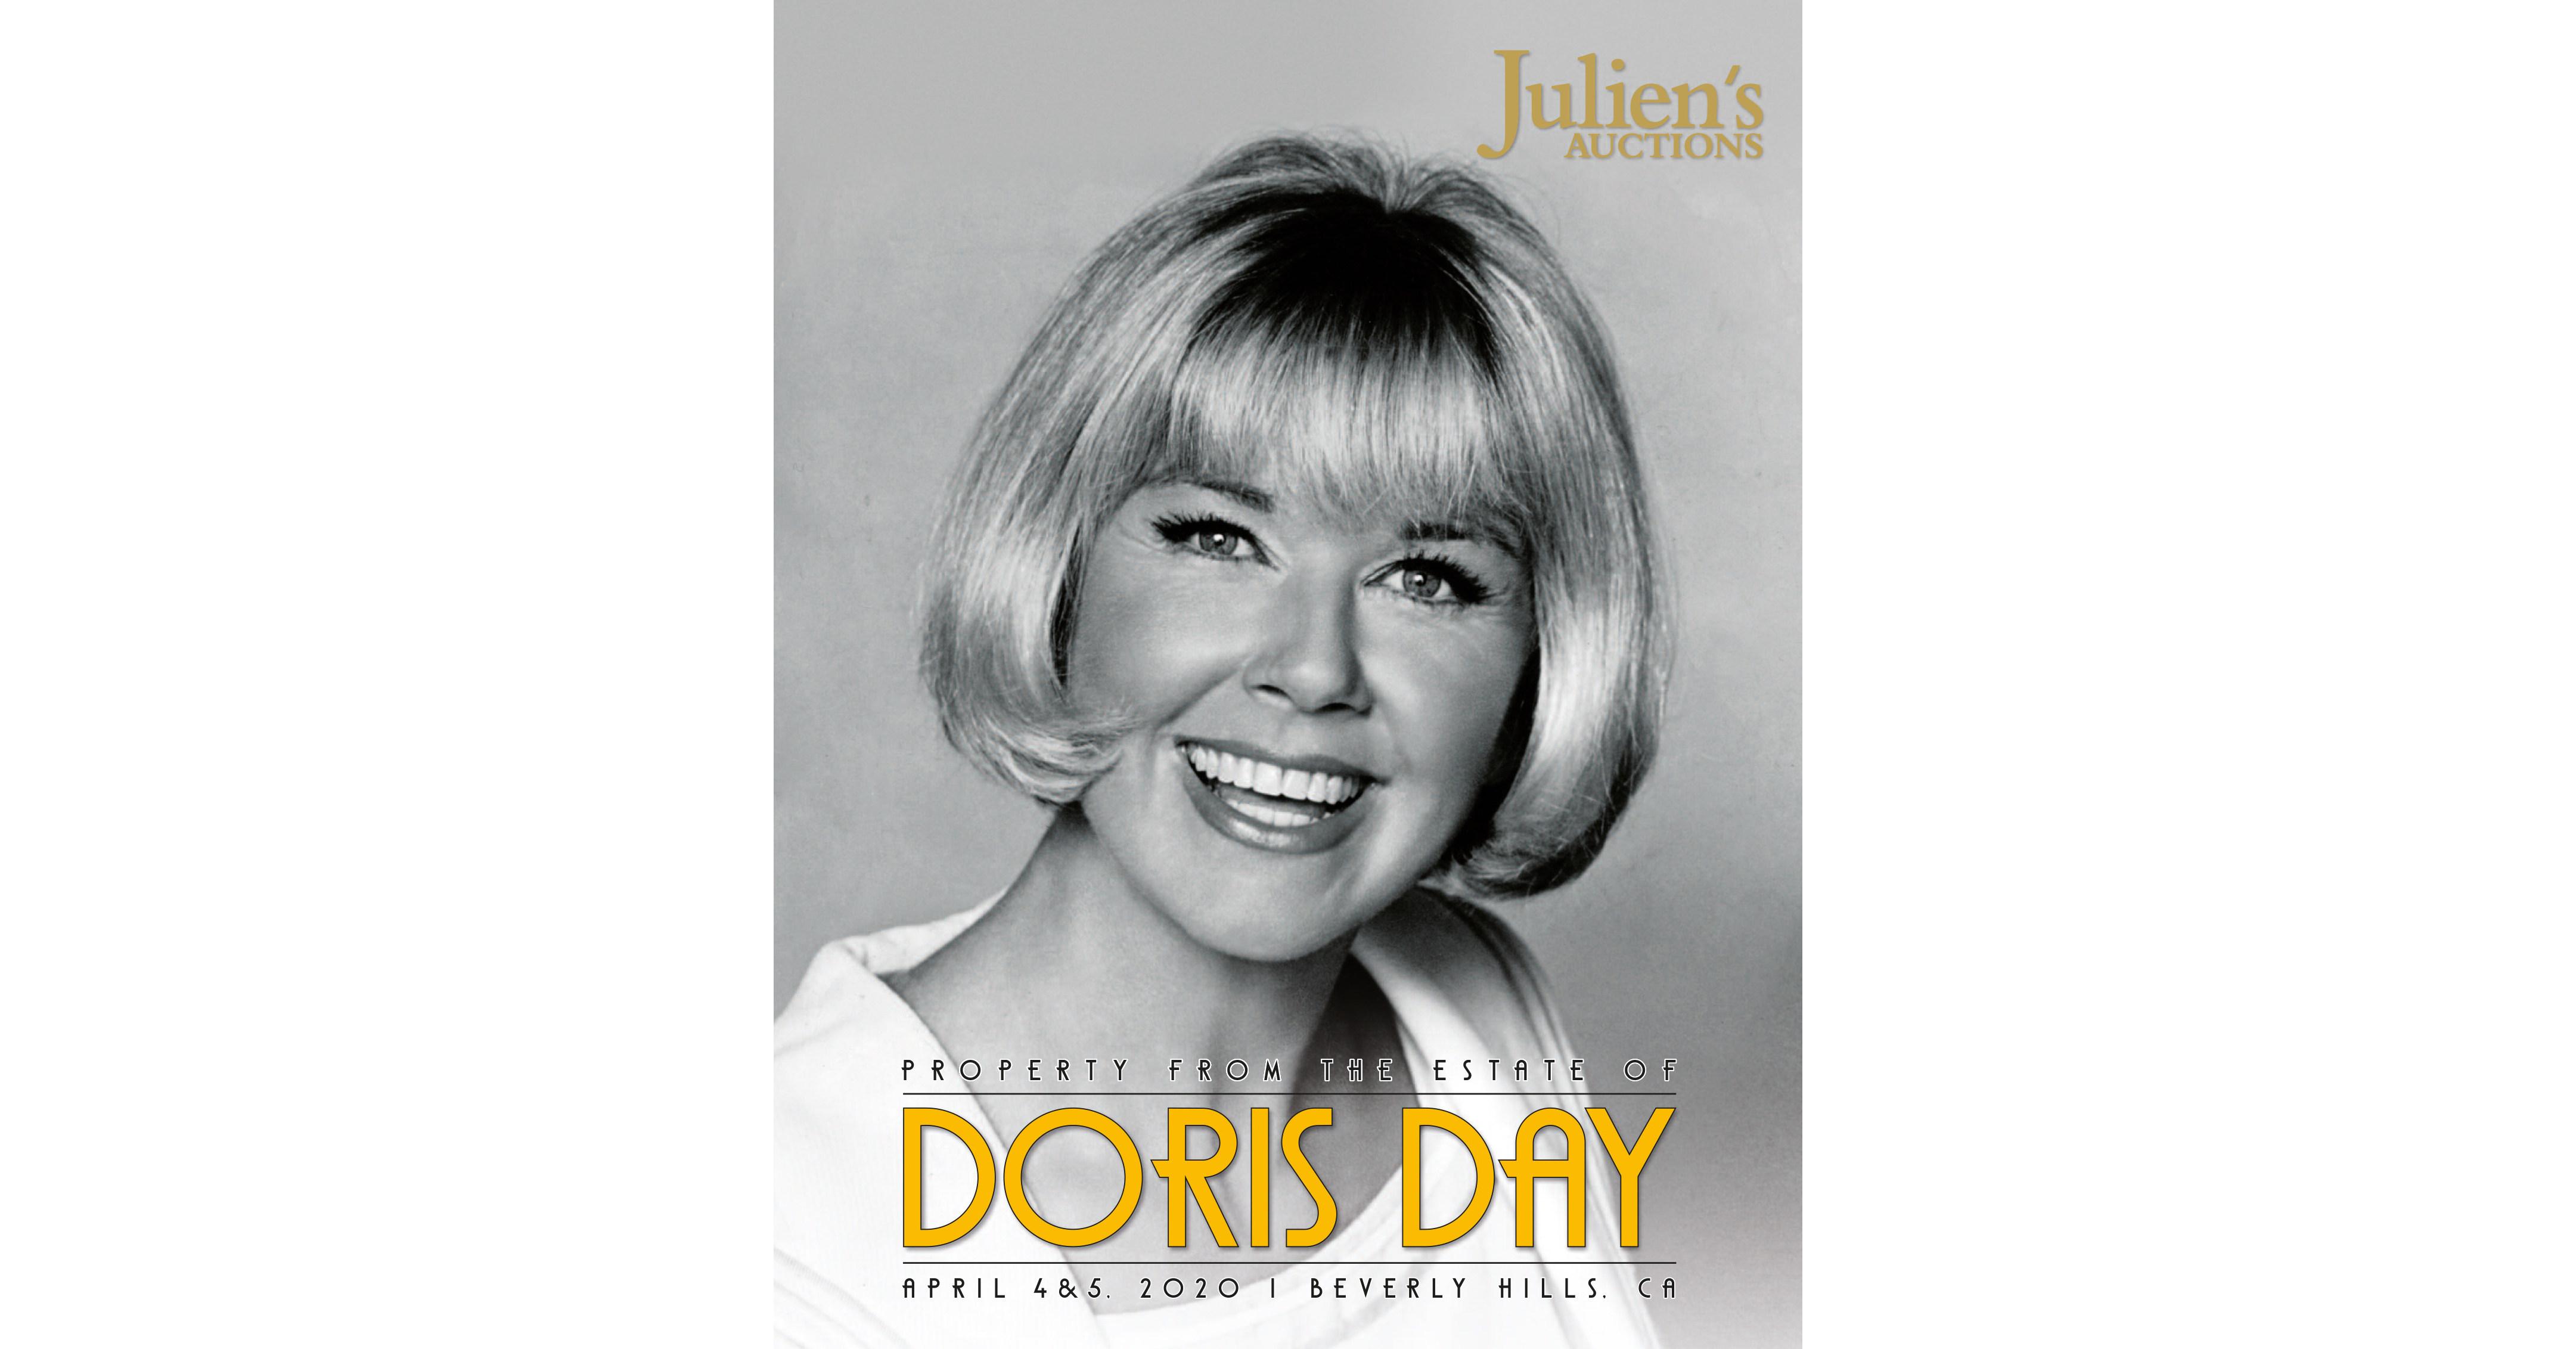 Gemeinsam mit Julien's Auctions präsentiert die Reederei Stücke aus dem Nachlass der Schauspielerin Doris Day an Bord der Queen Victoria